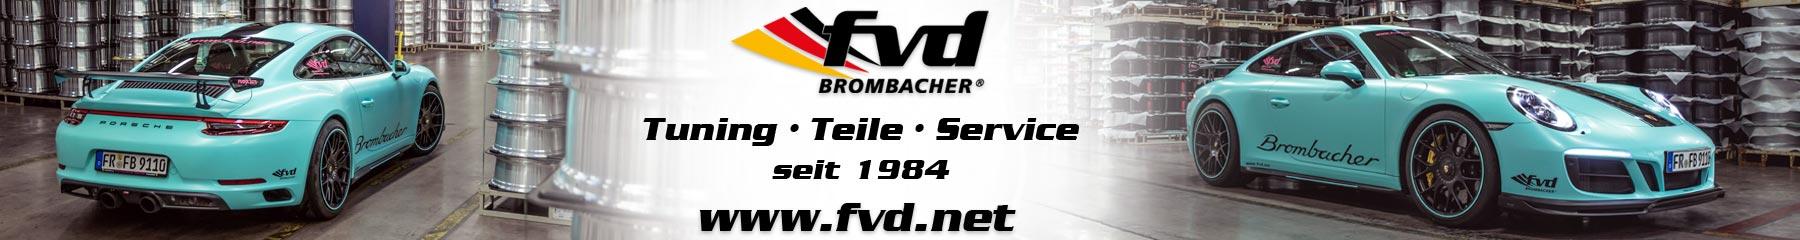 FVD Brombacher